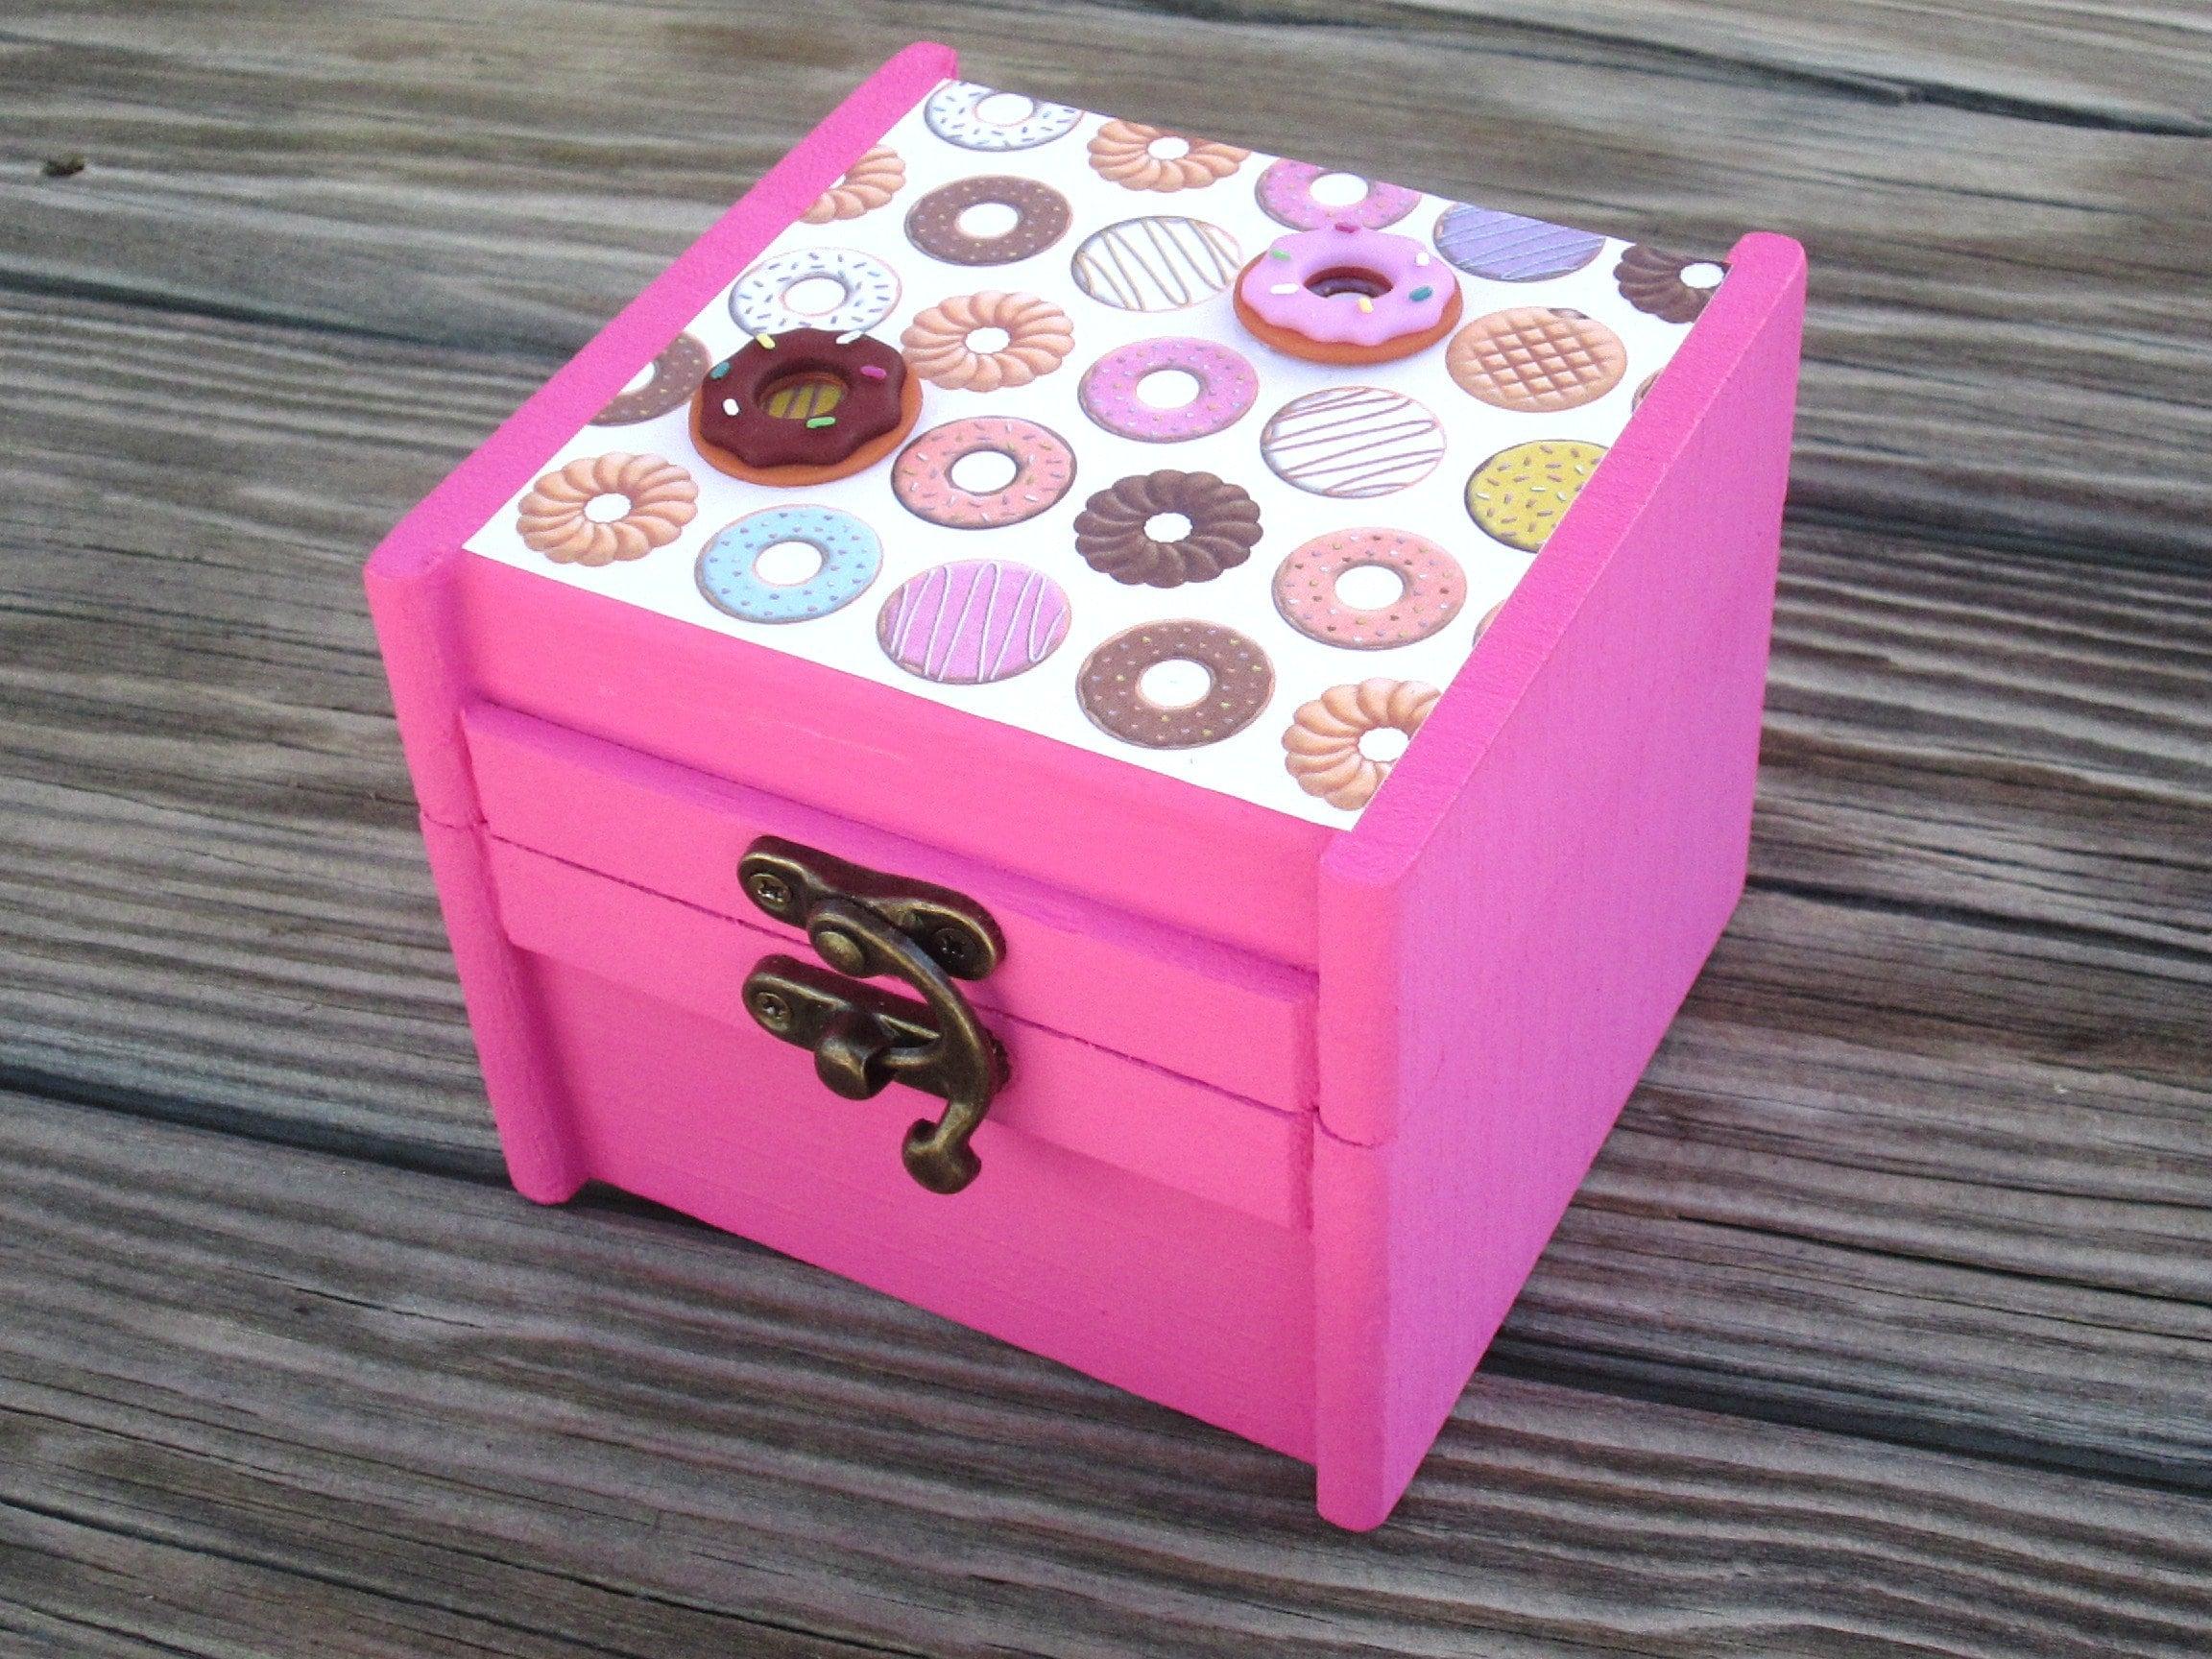 Doughnut Donut trinket / jewelry box